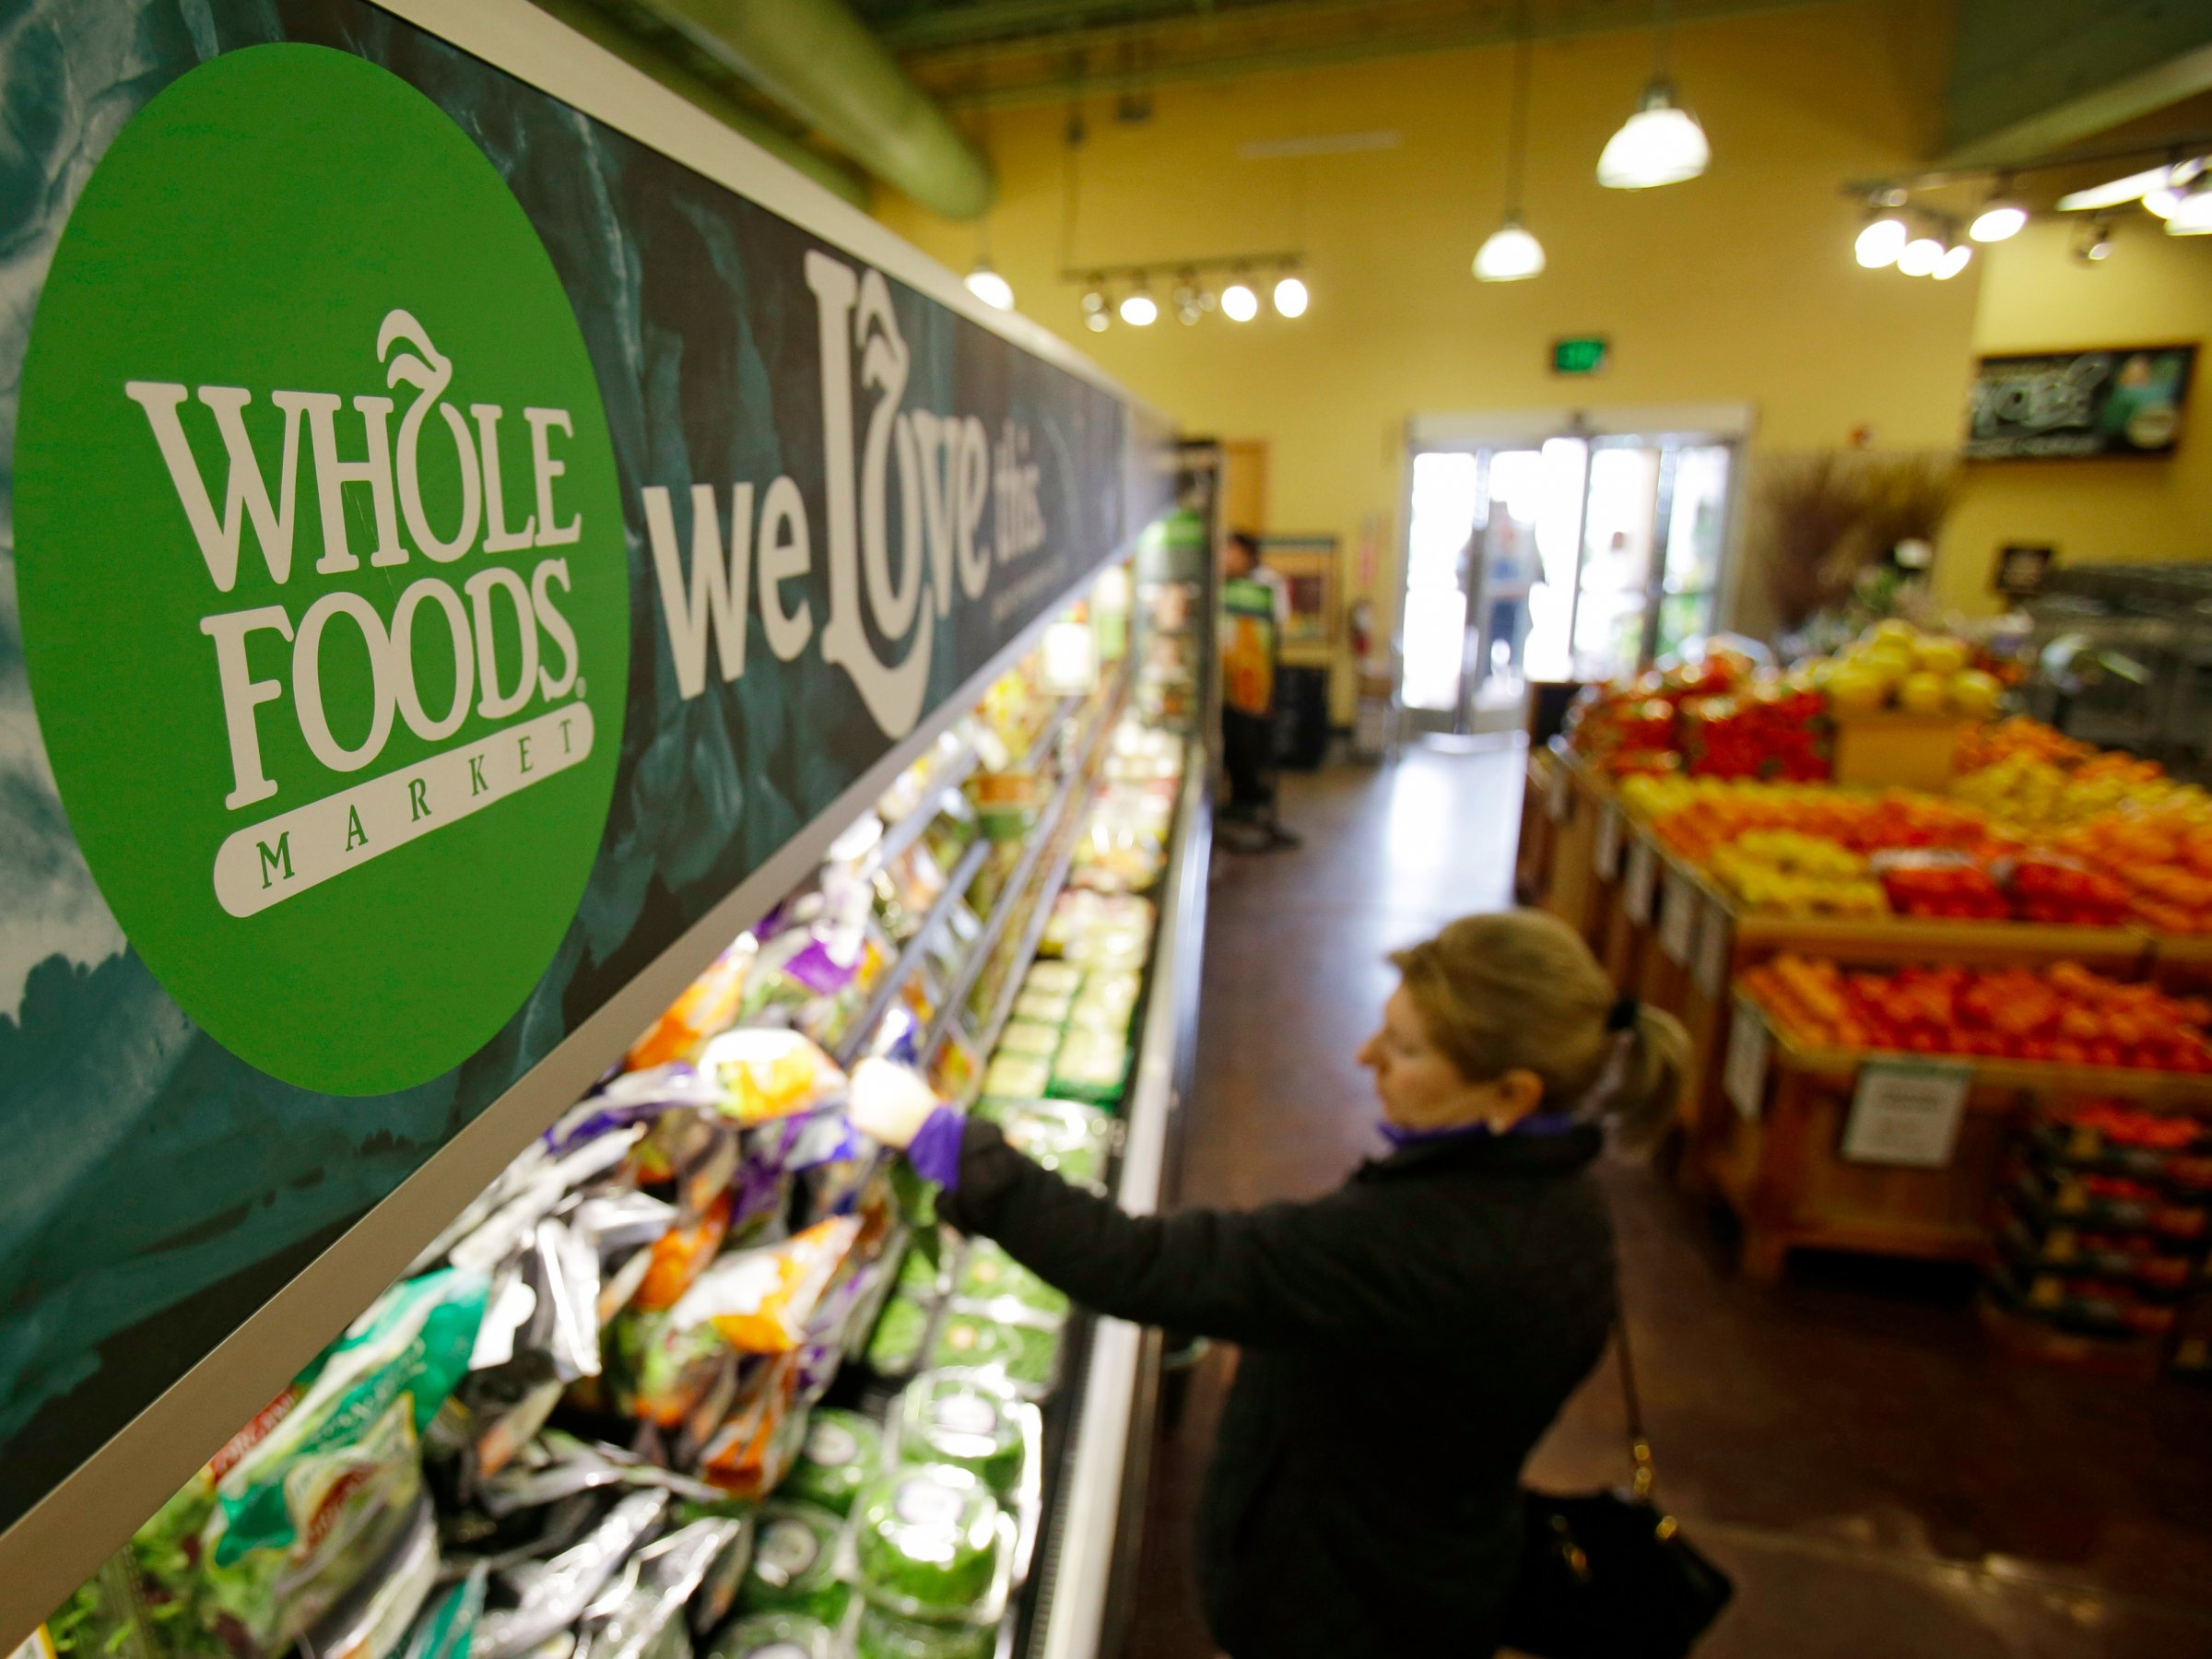 На самих супермаркетах покупка практически не отразится. Фото: businessinsider.com